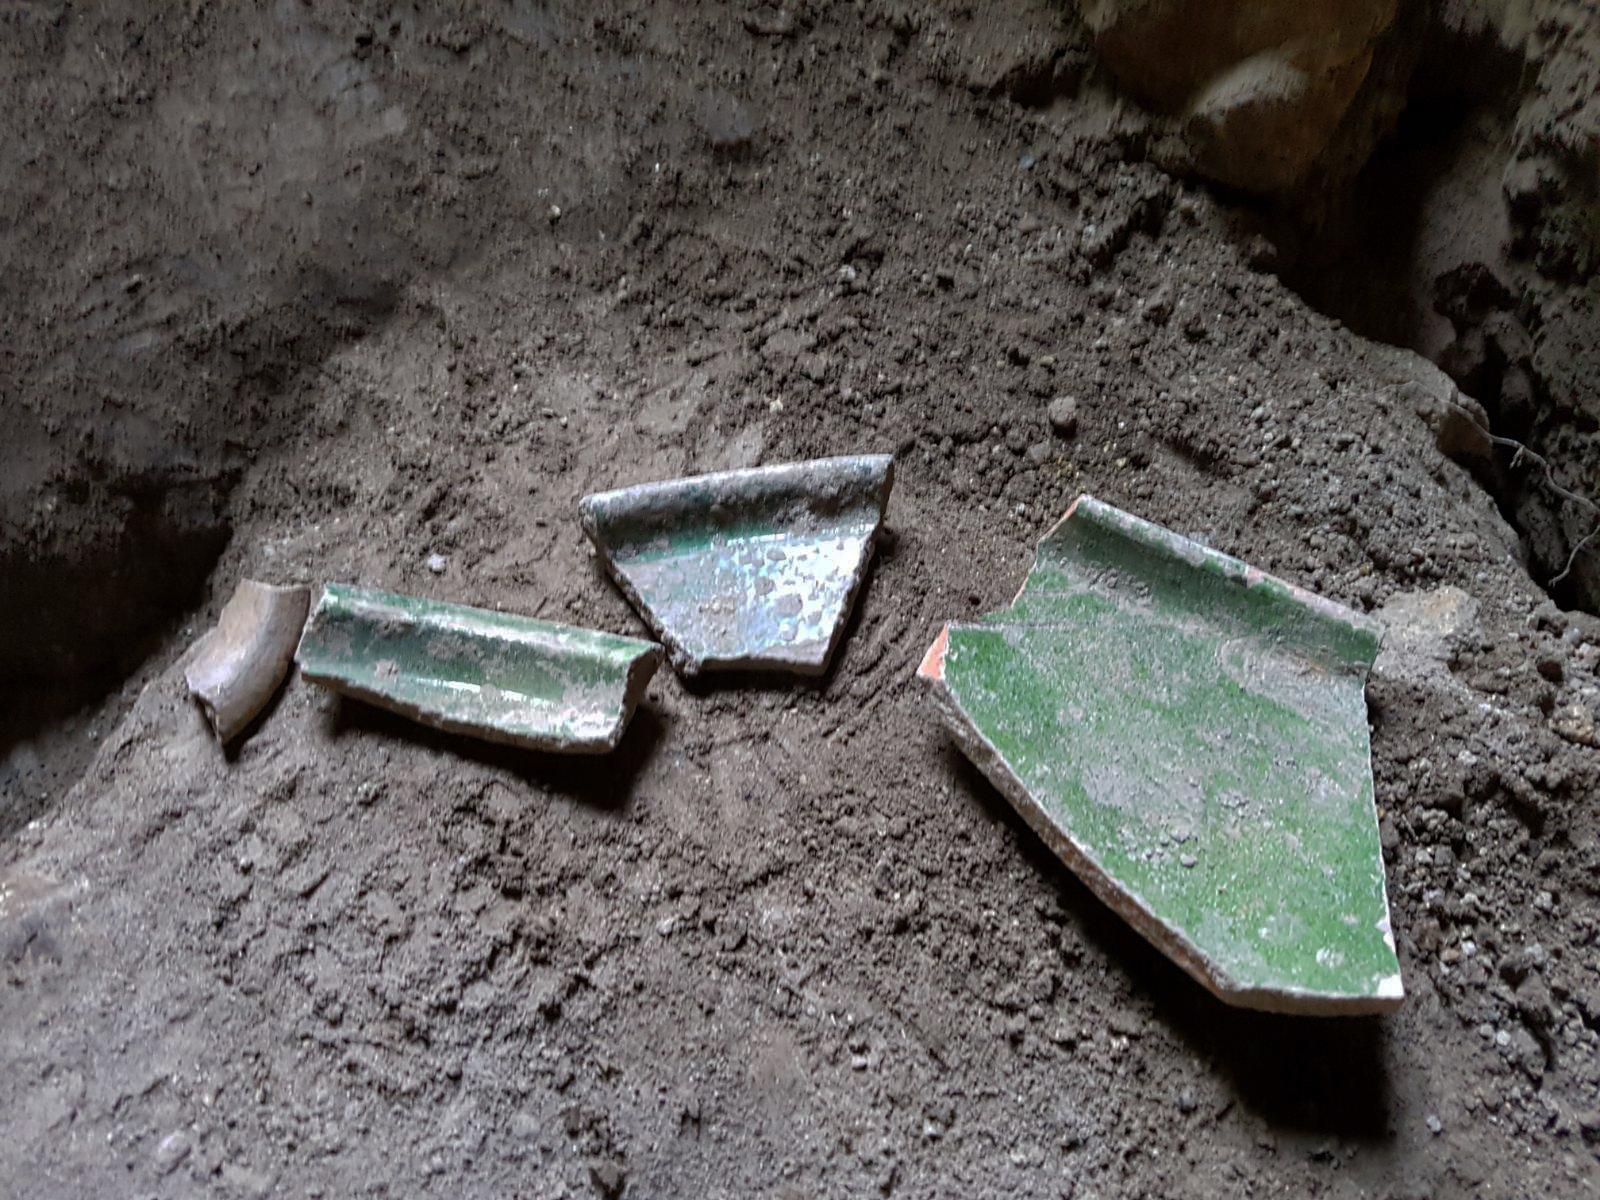 שברי כלי אגירה שניזוקו בחפירה הלא חוקית בכפר עילבון - צילום: רשות העתיקות